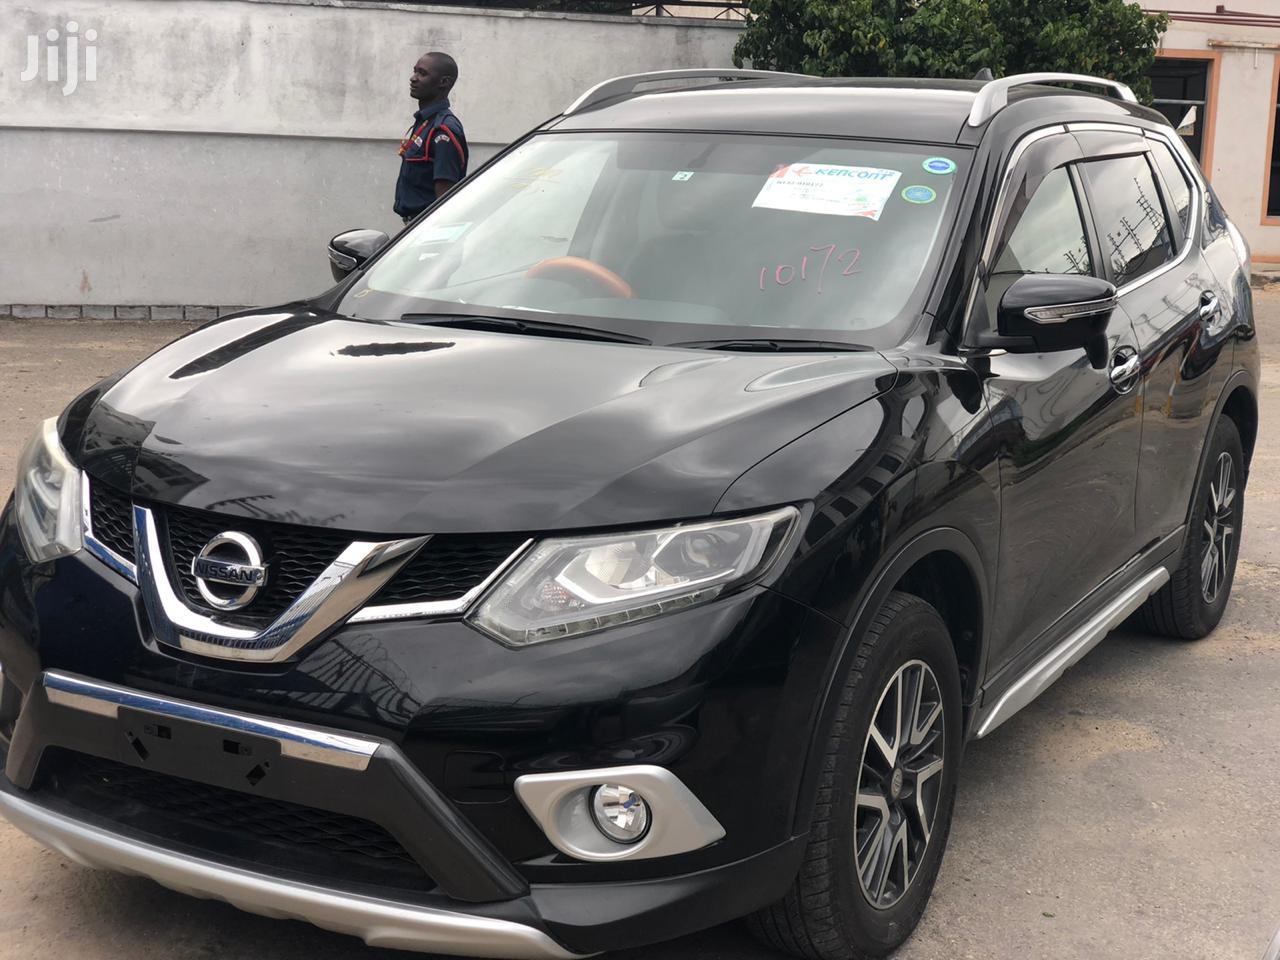 New Nissan X-Trail 2014 Black